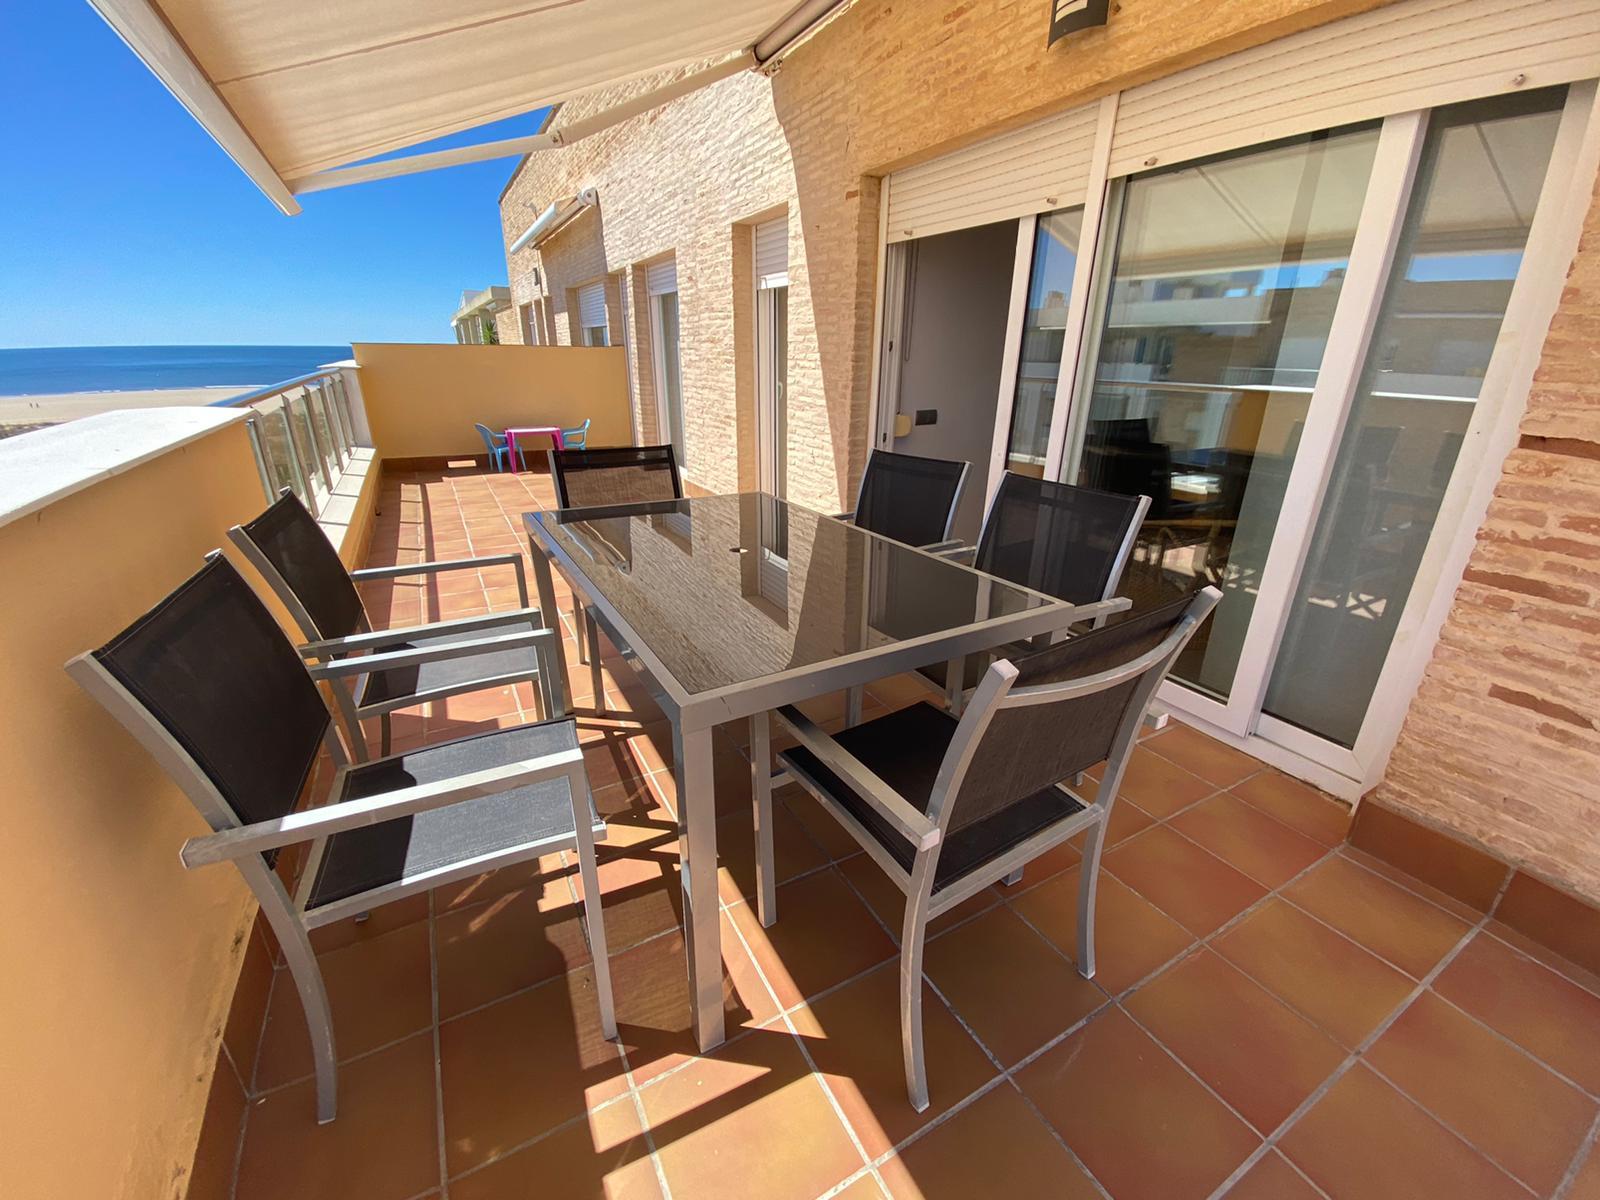 Imagen 5 del Apartamento Turístico, Ático 7 Poniente (3d+2b), Punta del Moral (HUELVA), Paseo de la Cruz nº22